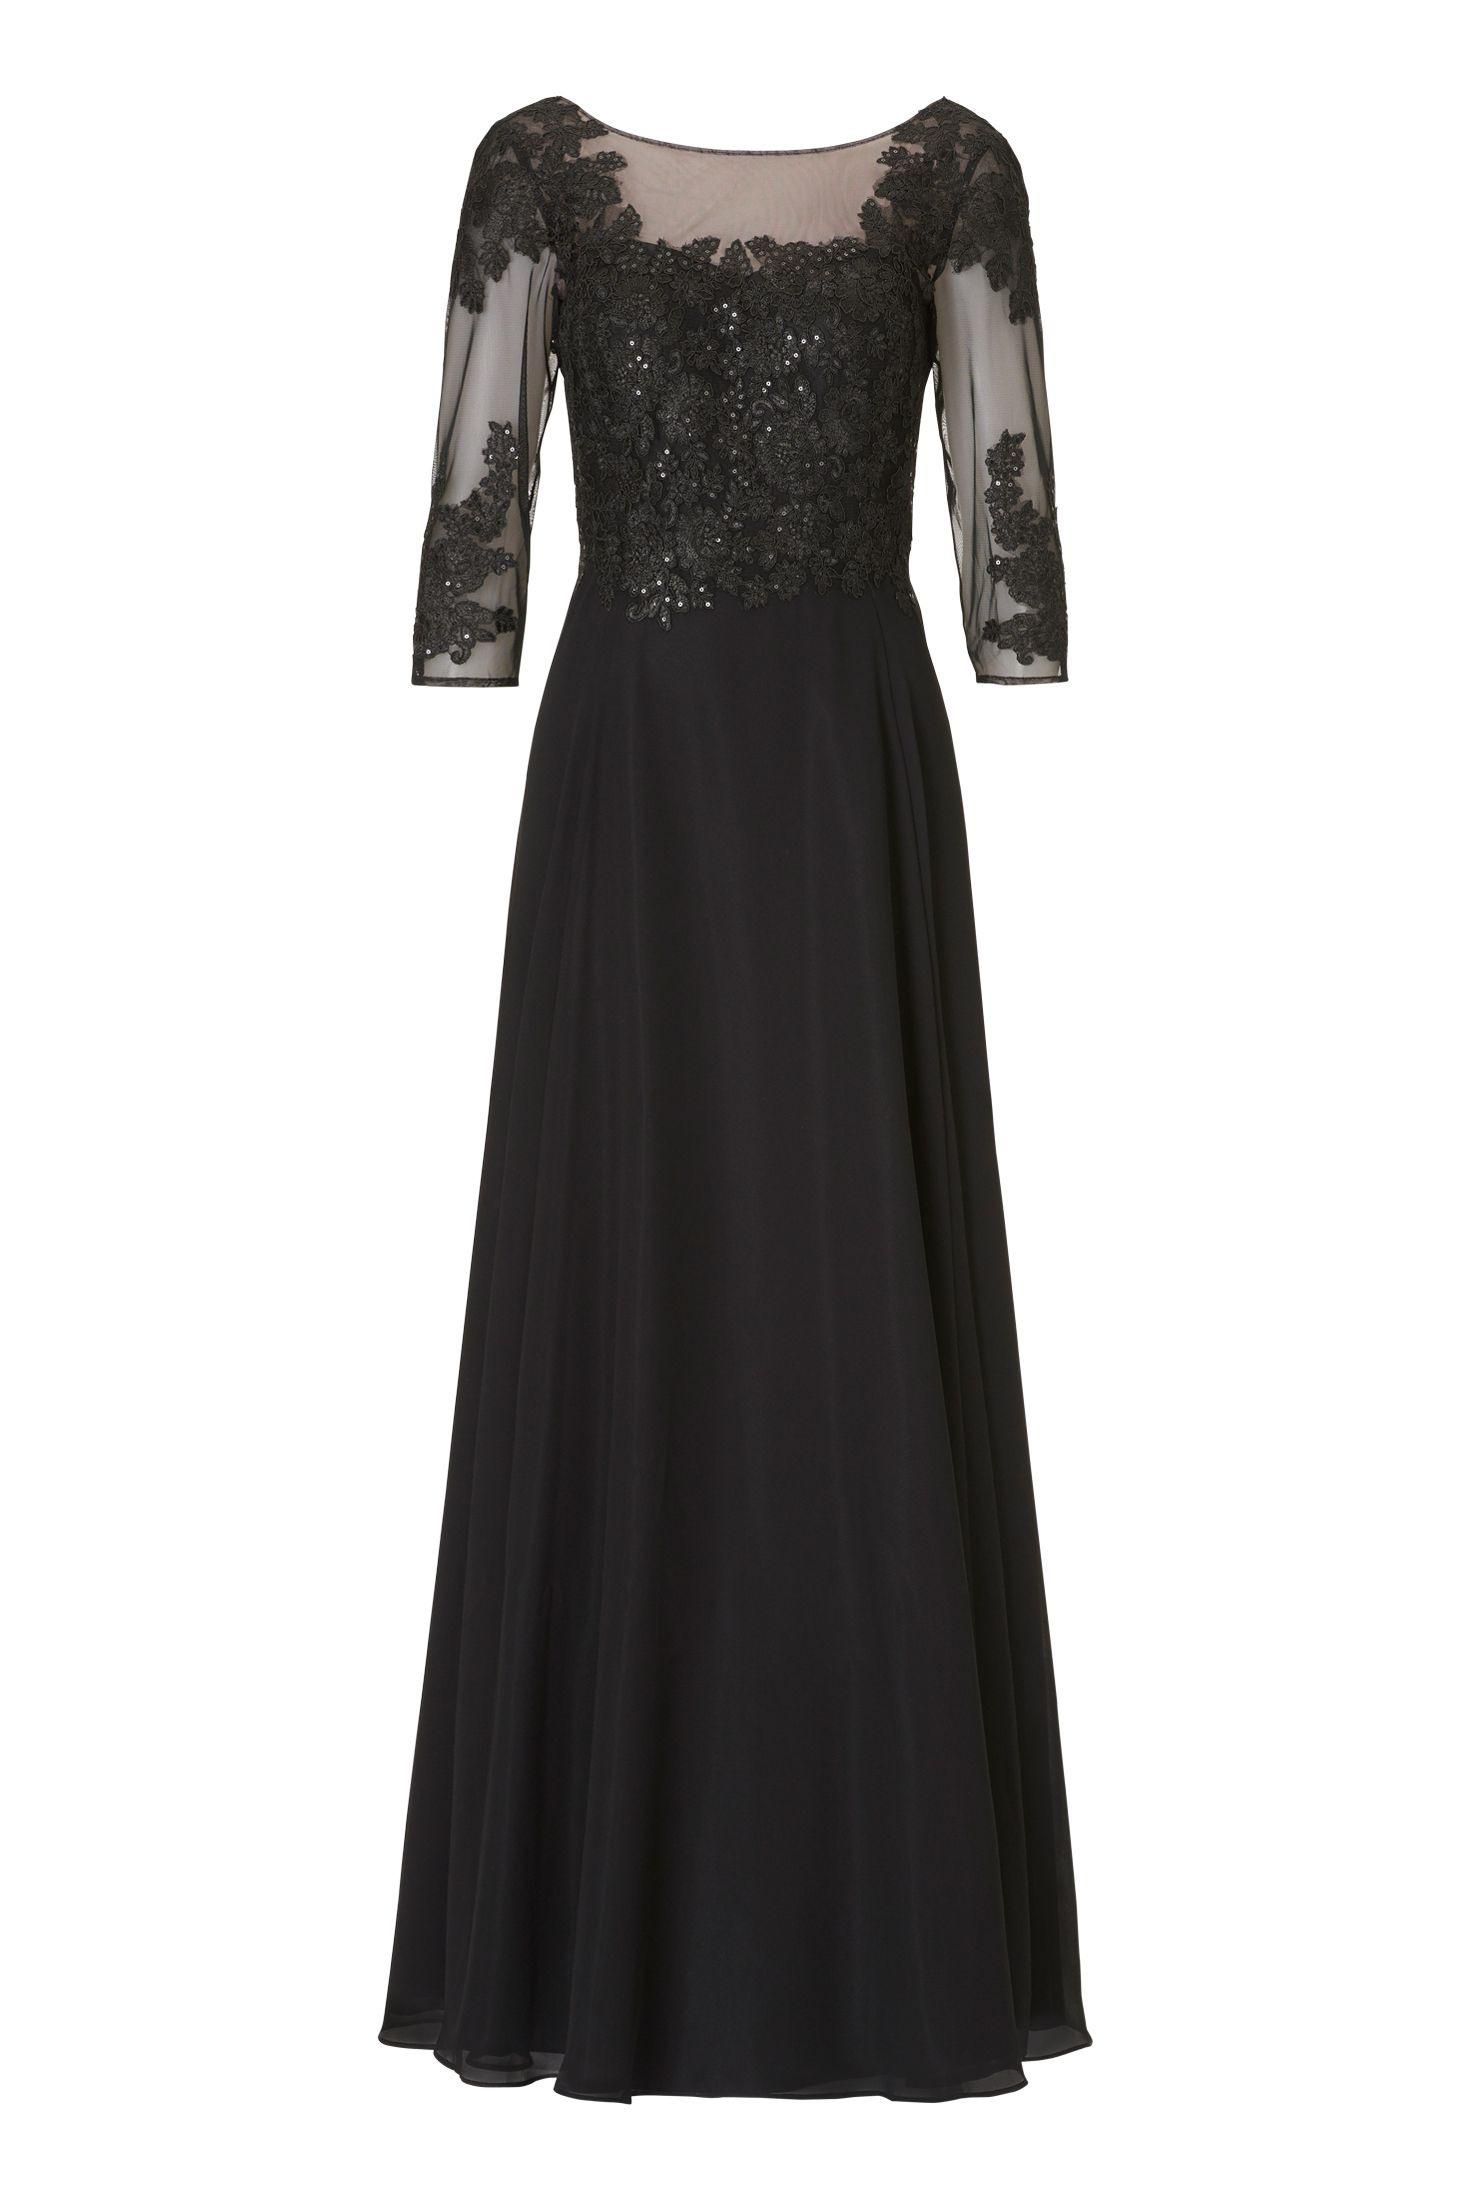 20 Einfach Langes Schwarzes Abendkleid Spezialgebiet13 Leicht Langes Schwarzes Abendkleid Bester Preis